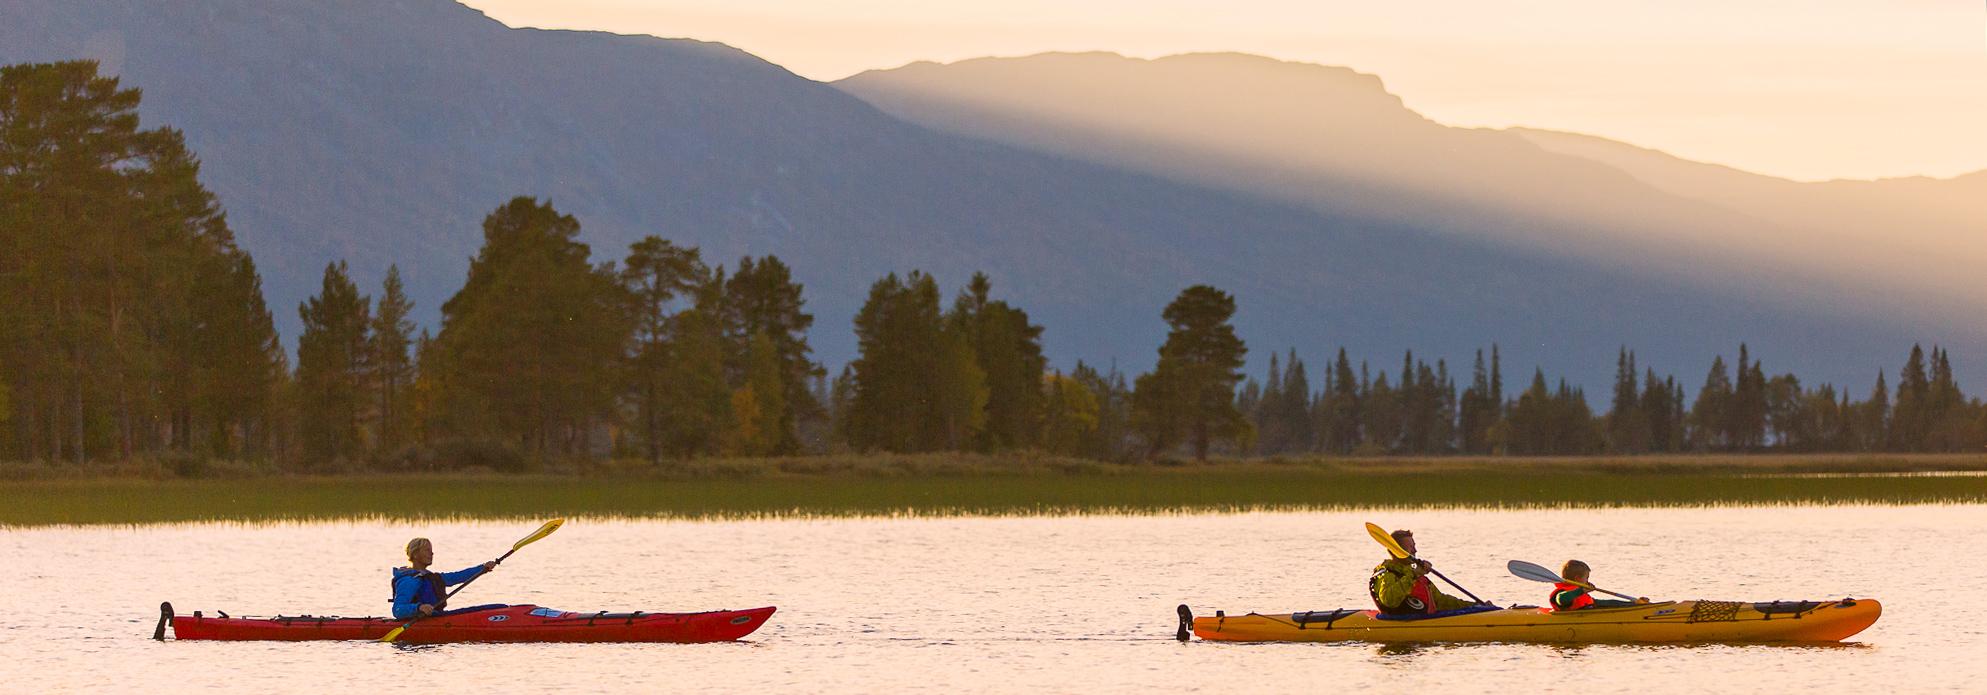 Att Paddla Kajak På Ottsjön En Ljus Sommarnatt är En Fjällupplevelse I Världsklass! Du Kan Ta Del Av Den I Södra Årejällen.